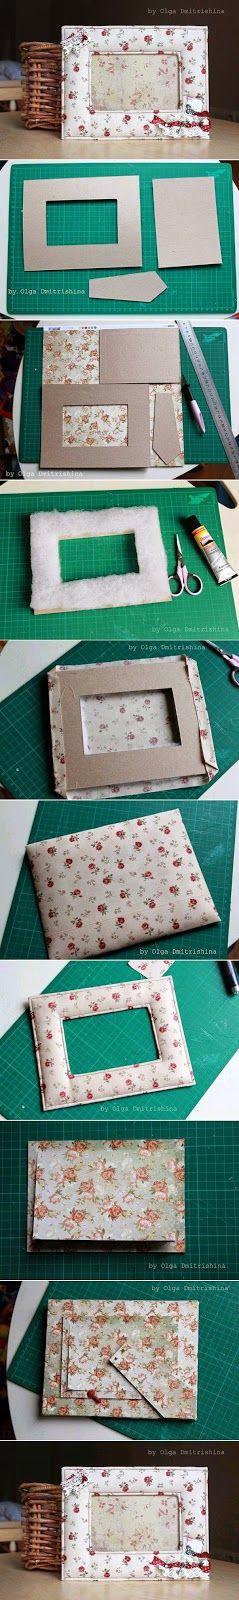 Com essa minha andança pela net, tenho achado muitas ideias de artesanato feito com material de papelão, rolos de tecidos, de fita adesiva...